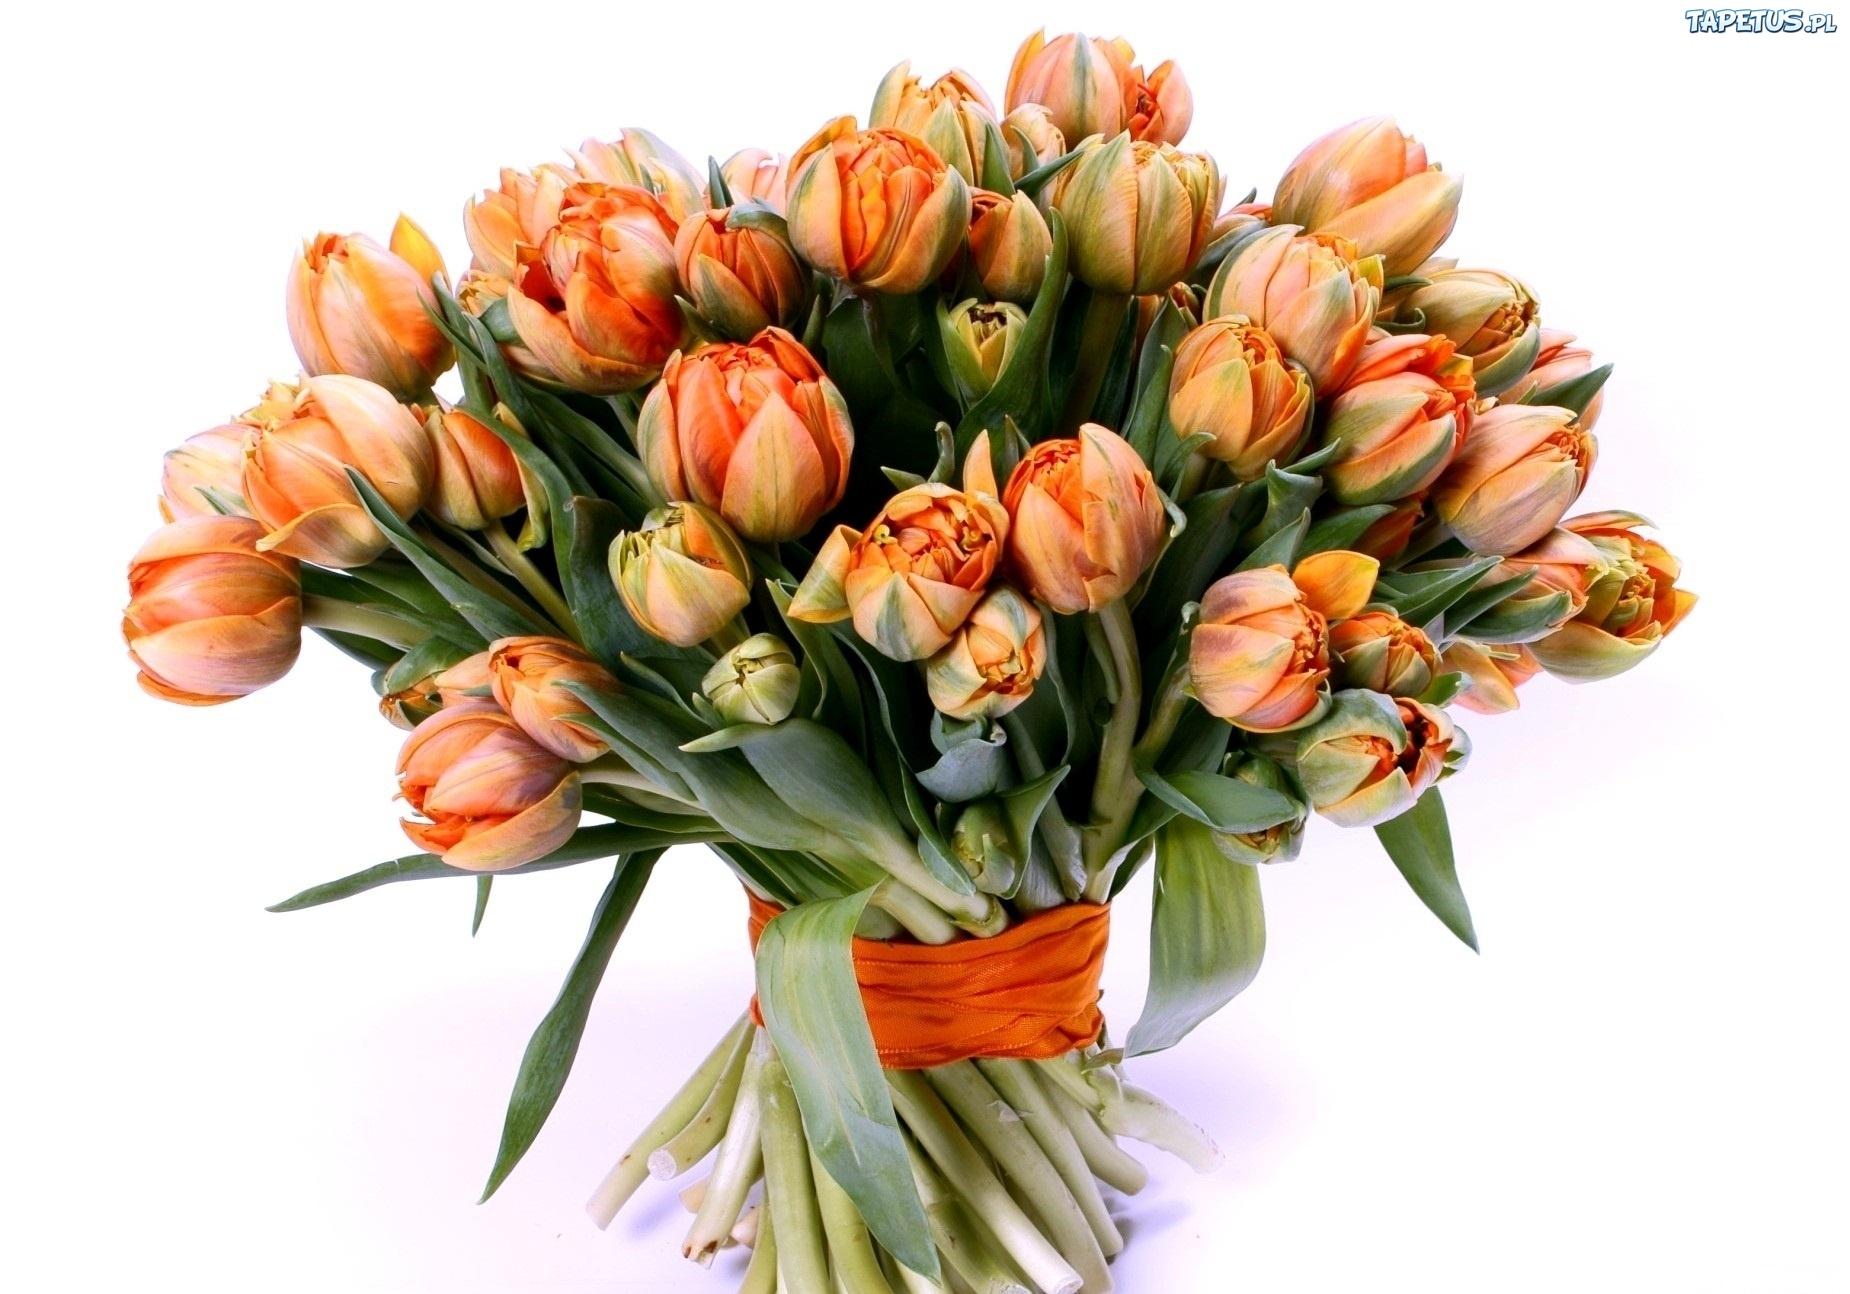 146460_bukiet-tulipanow.jpg